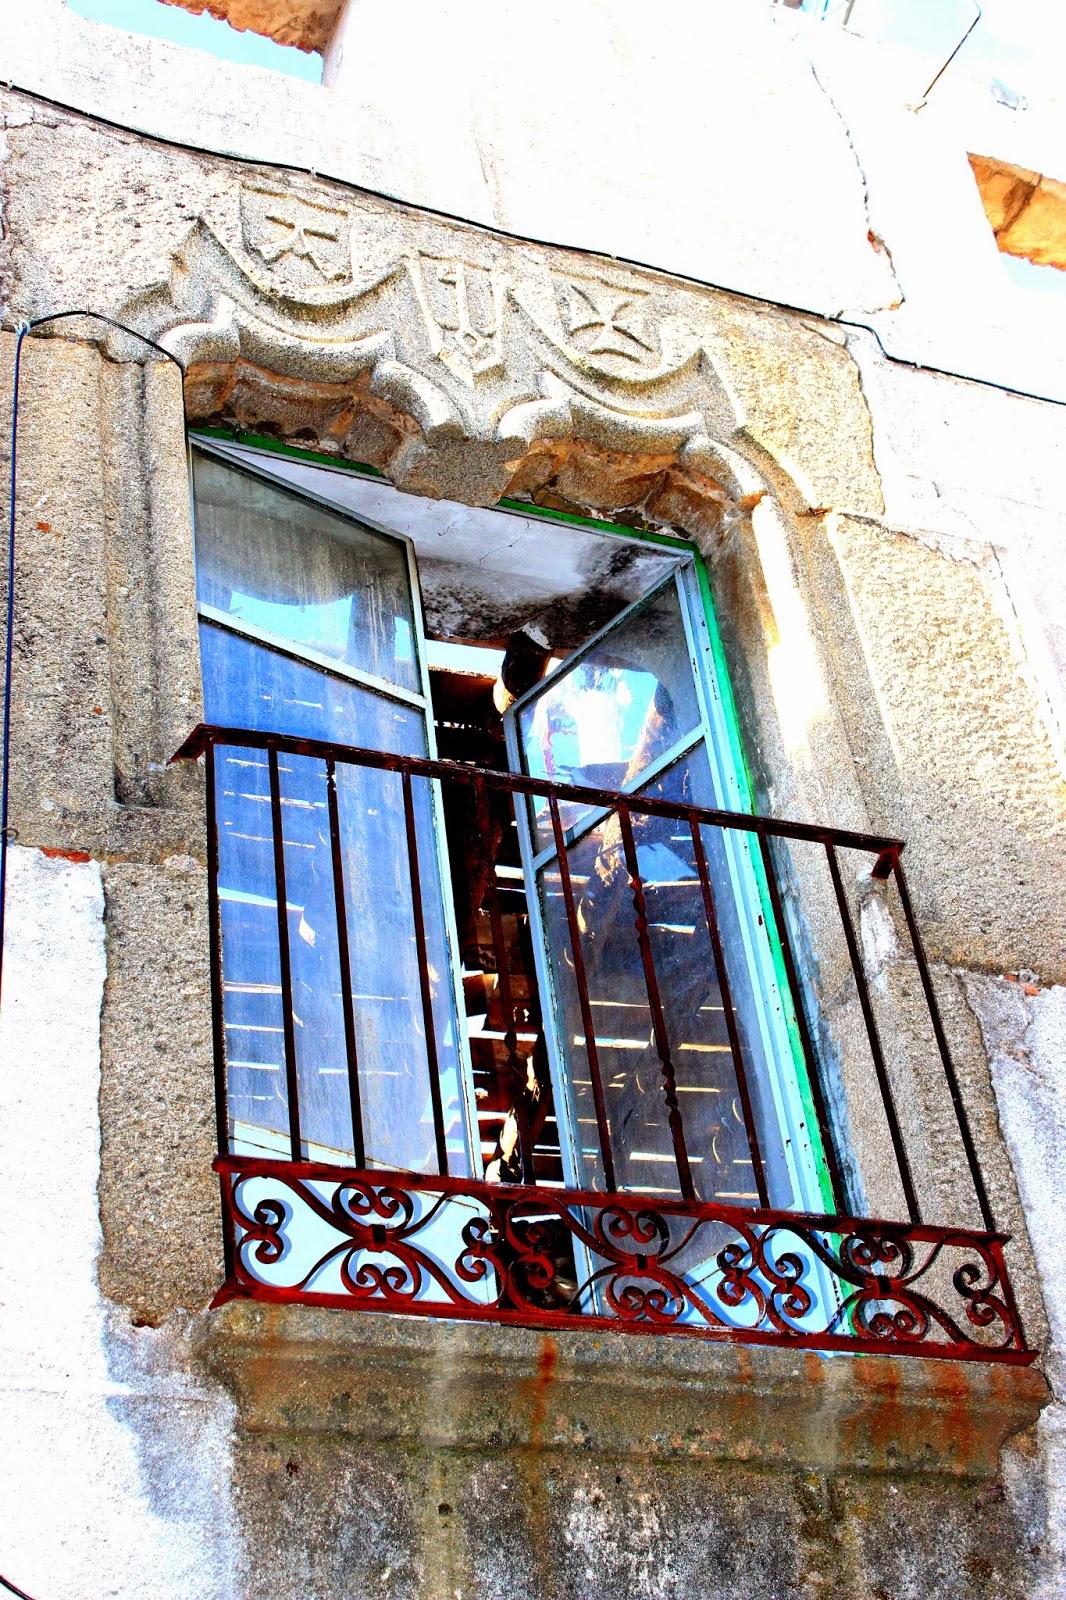 Patrimonio artístico de Hoyos. Balcones renacentistas. Sierra de Gata